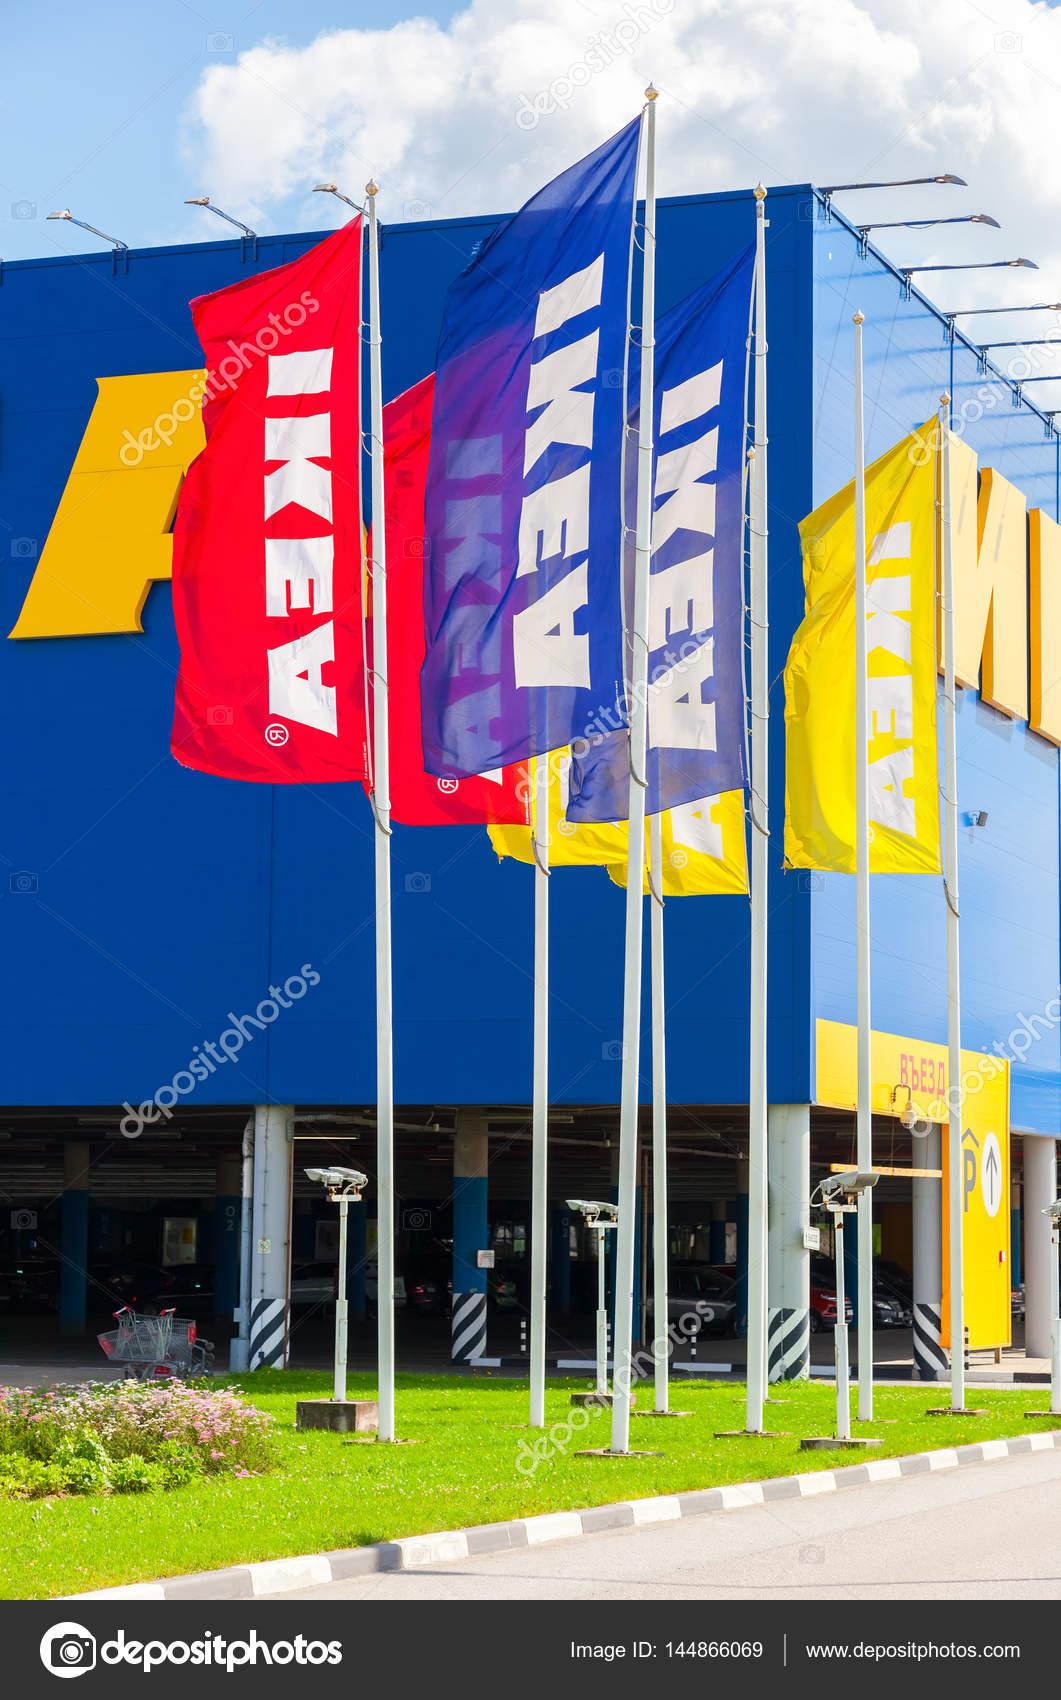 Ikea Flaggen In Der Nähe Von Samara Einrichtungshaus Ikea Ist Die